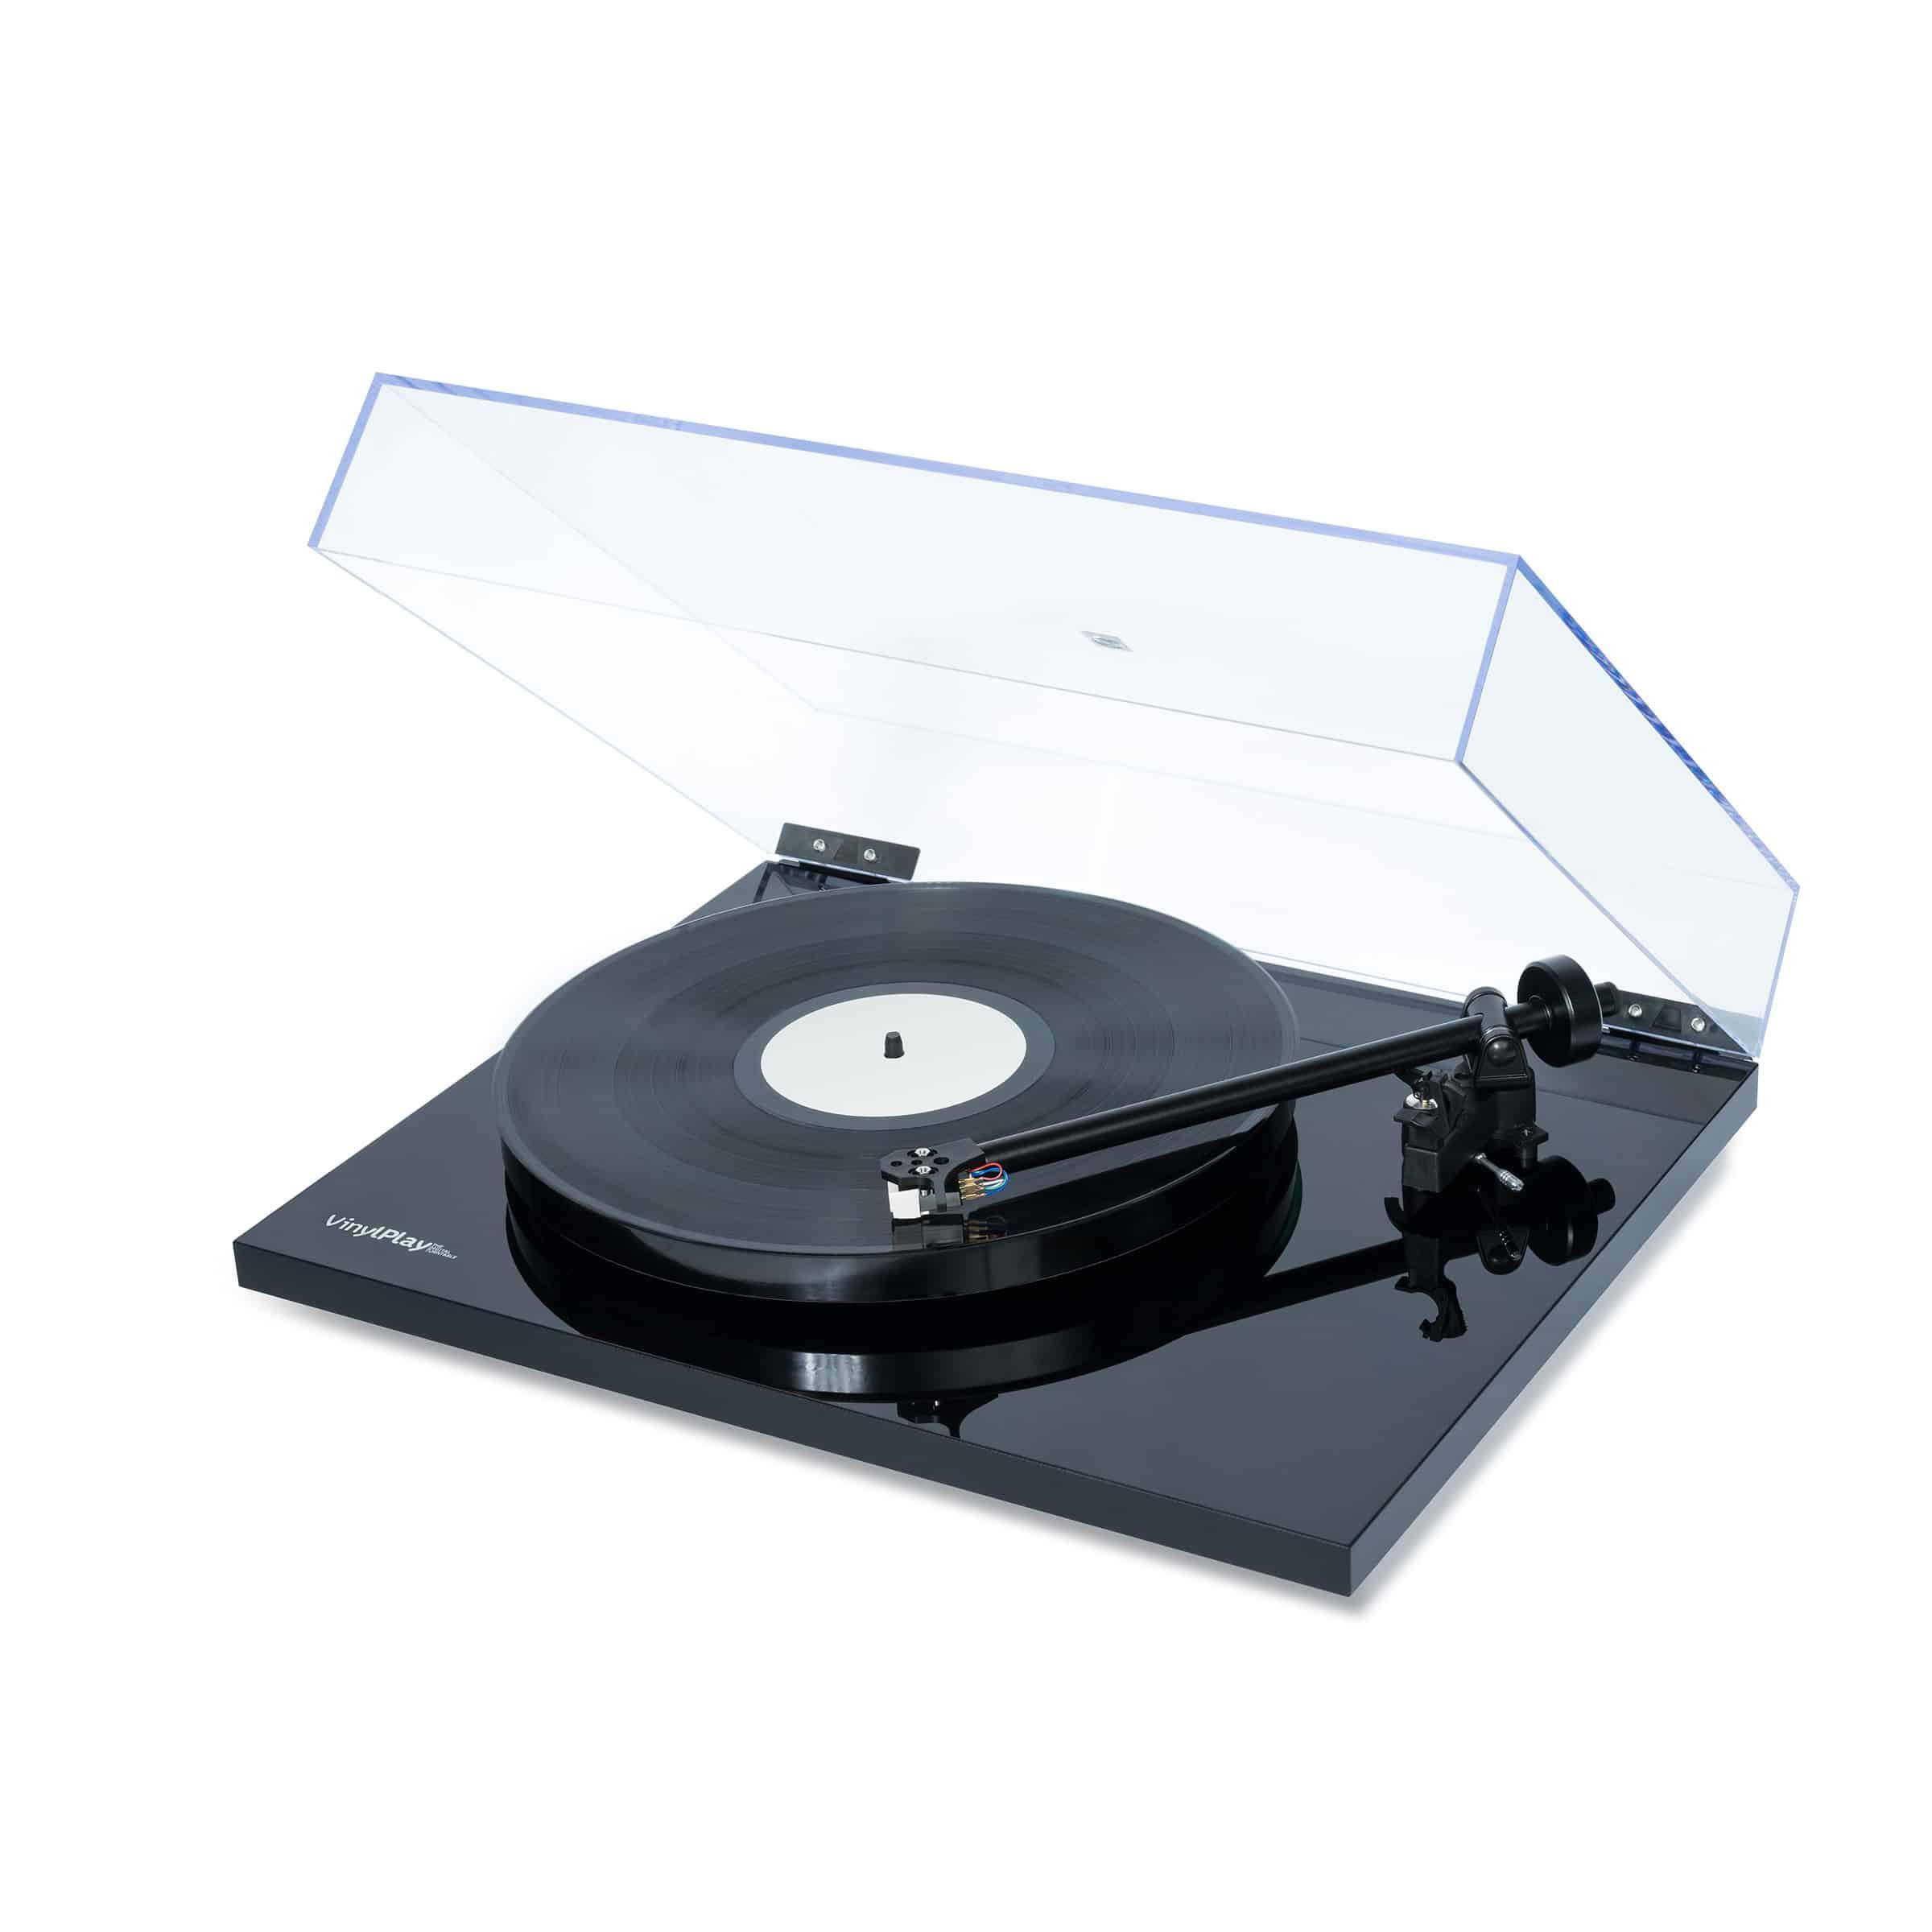 Sonos Platenspeler vinylplay zwart 5